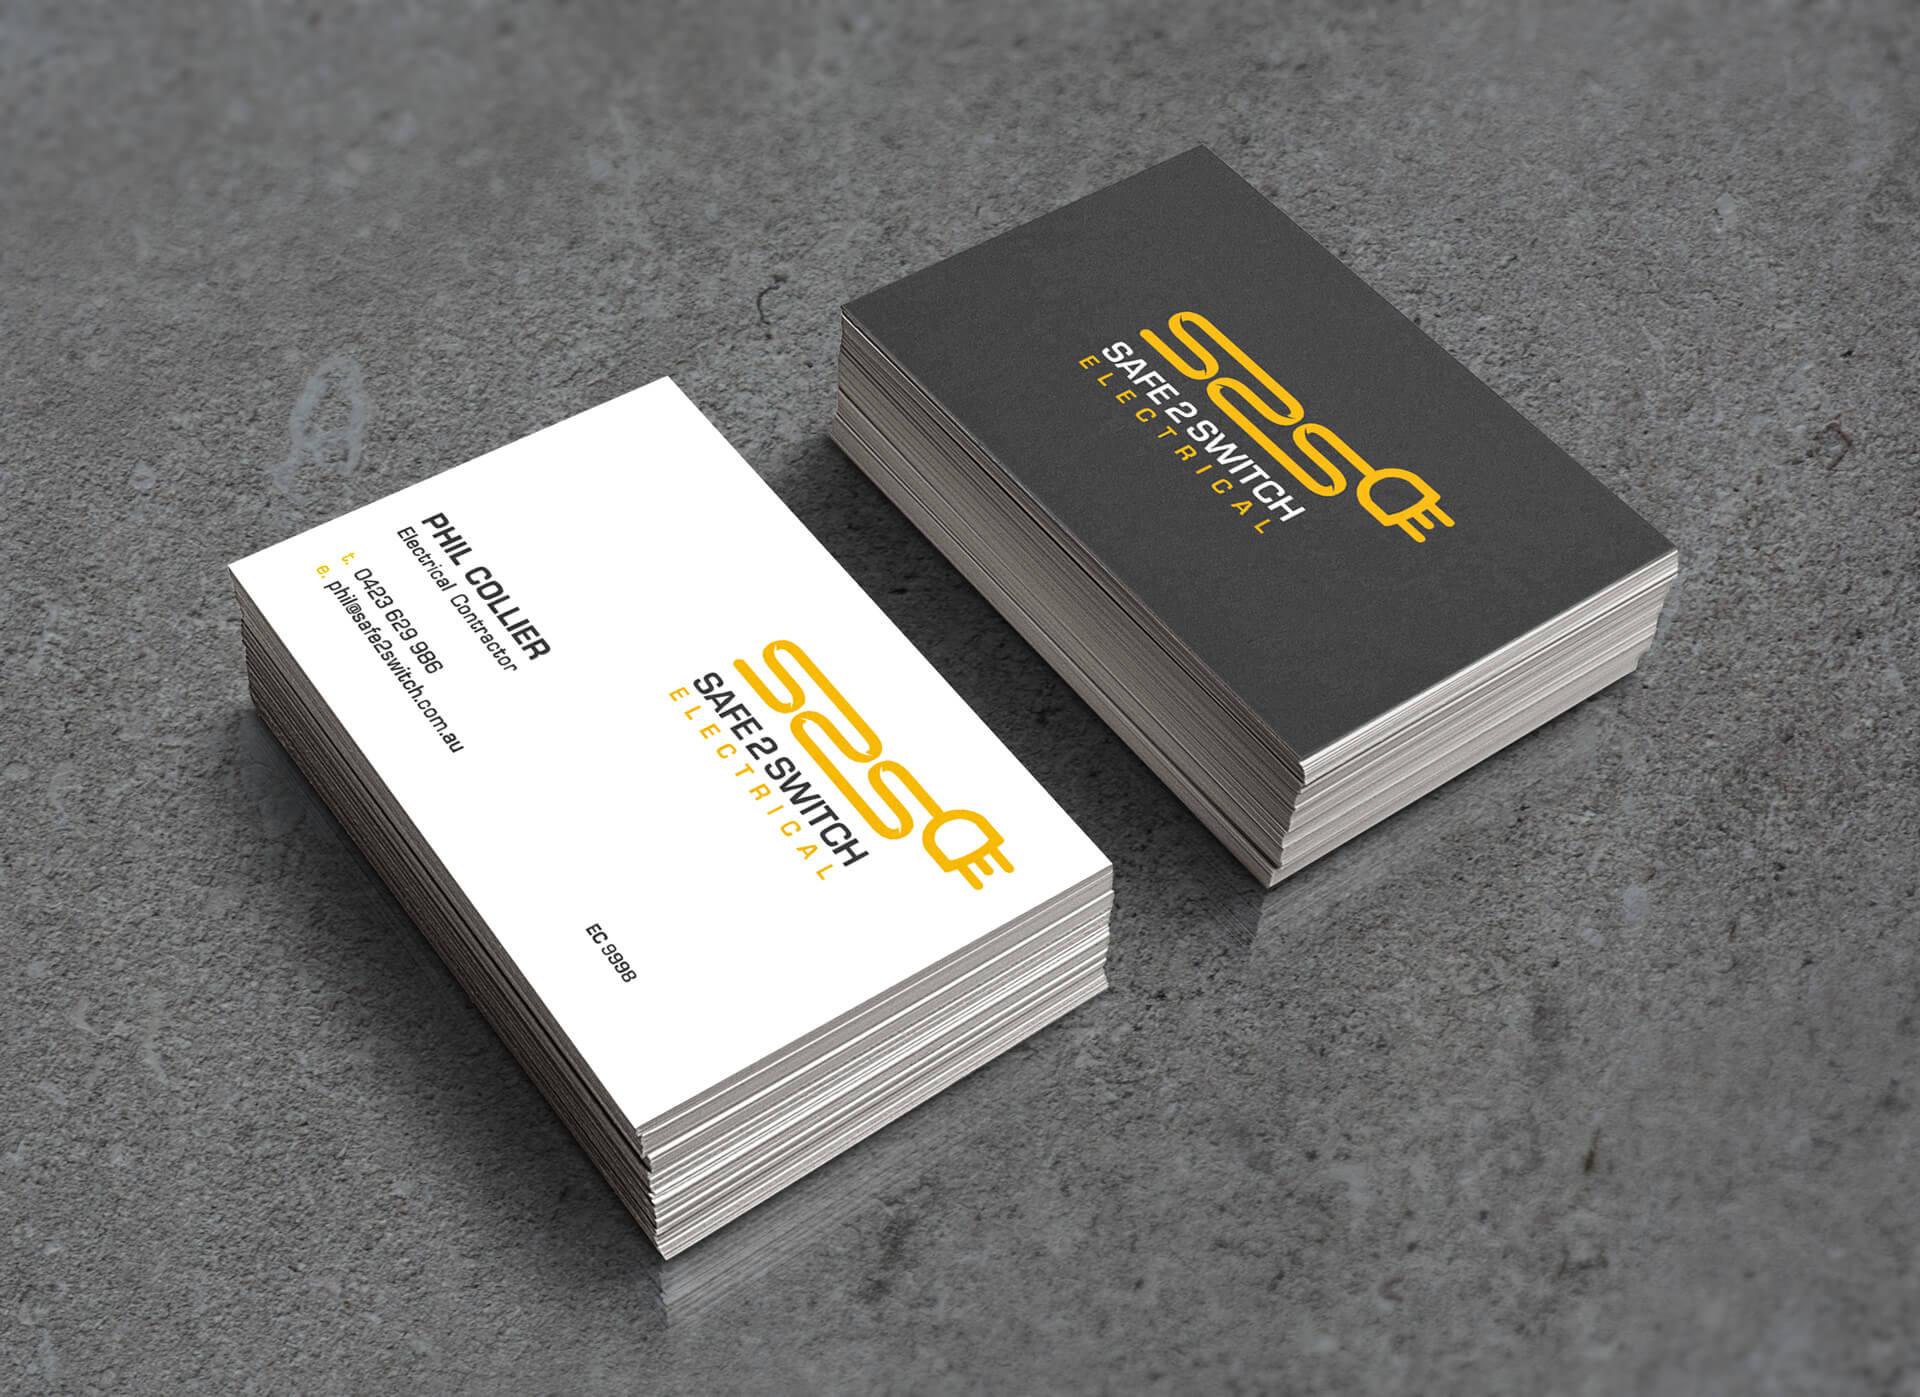 Logo website design safe 2 switch electrical safe 2 switch electrical colourmoves